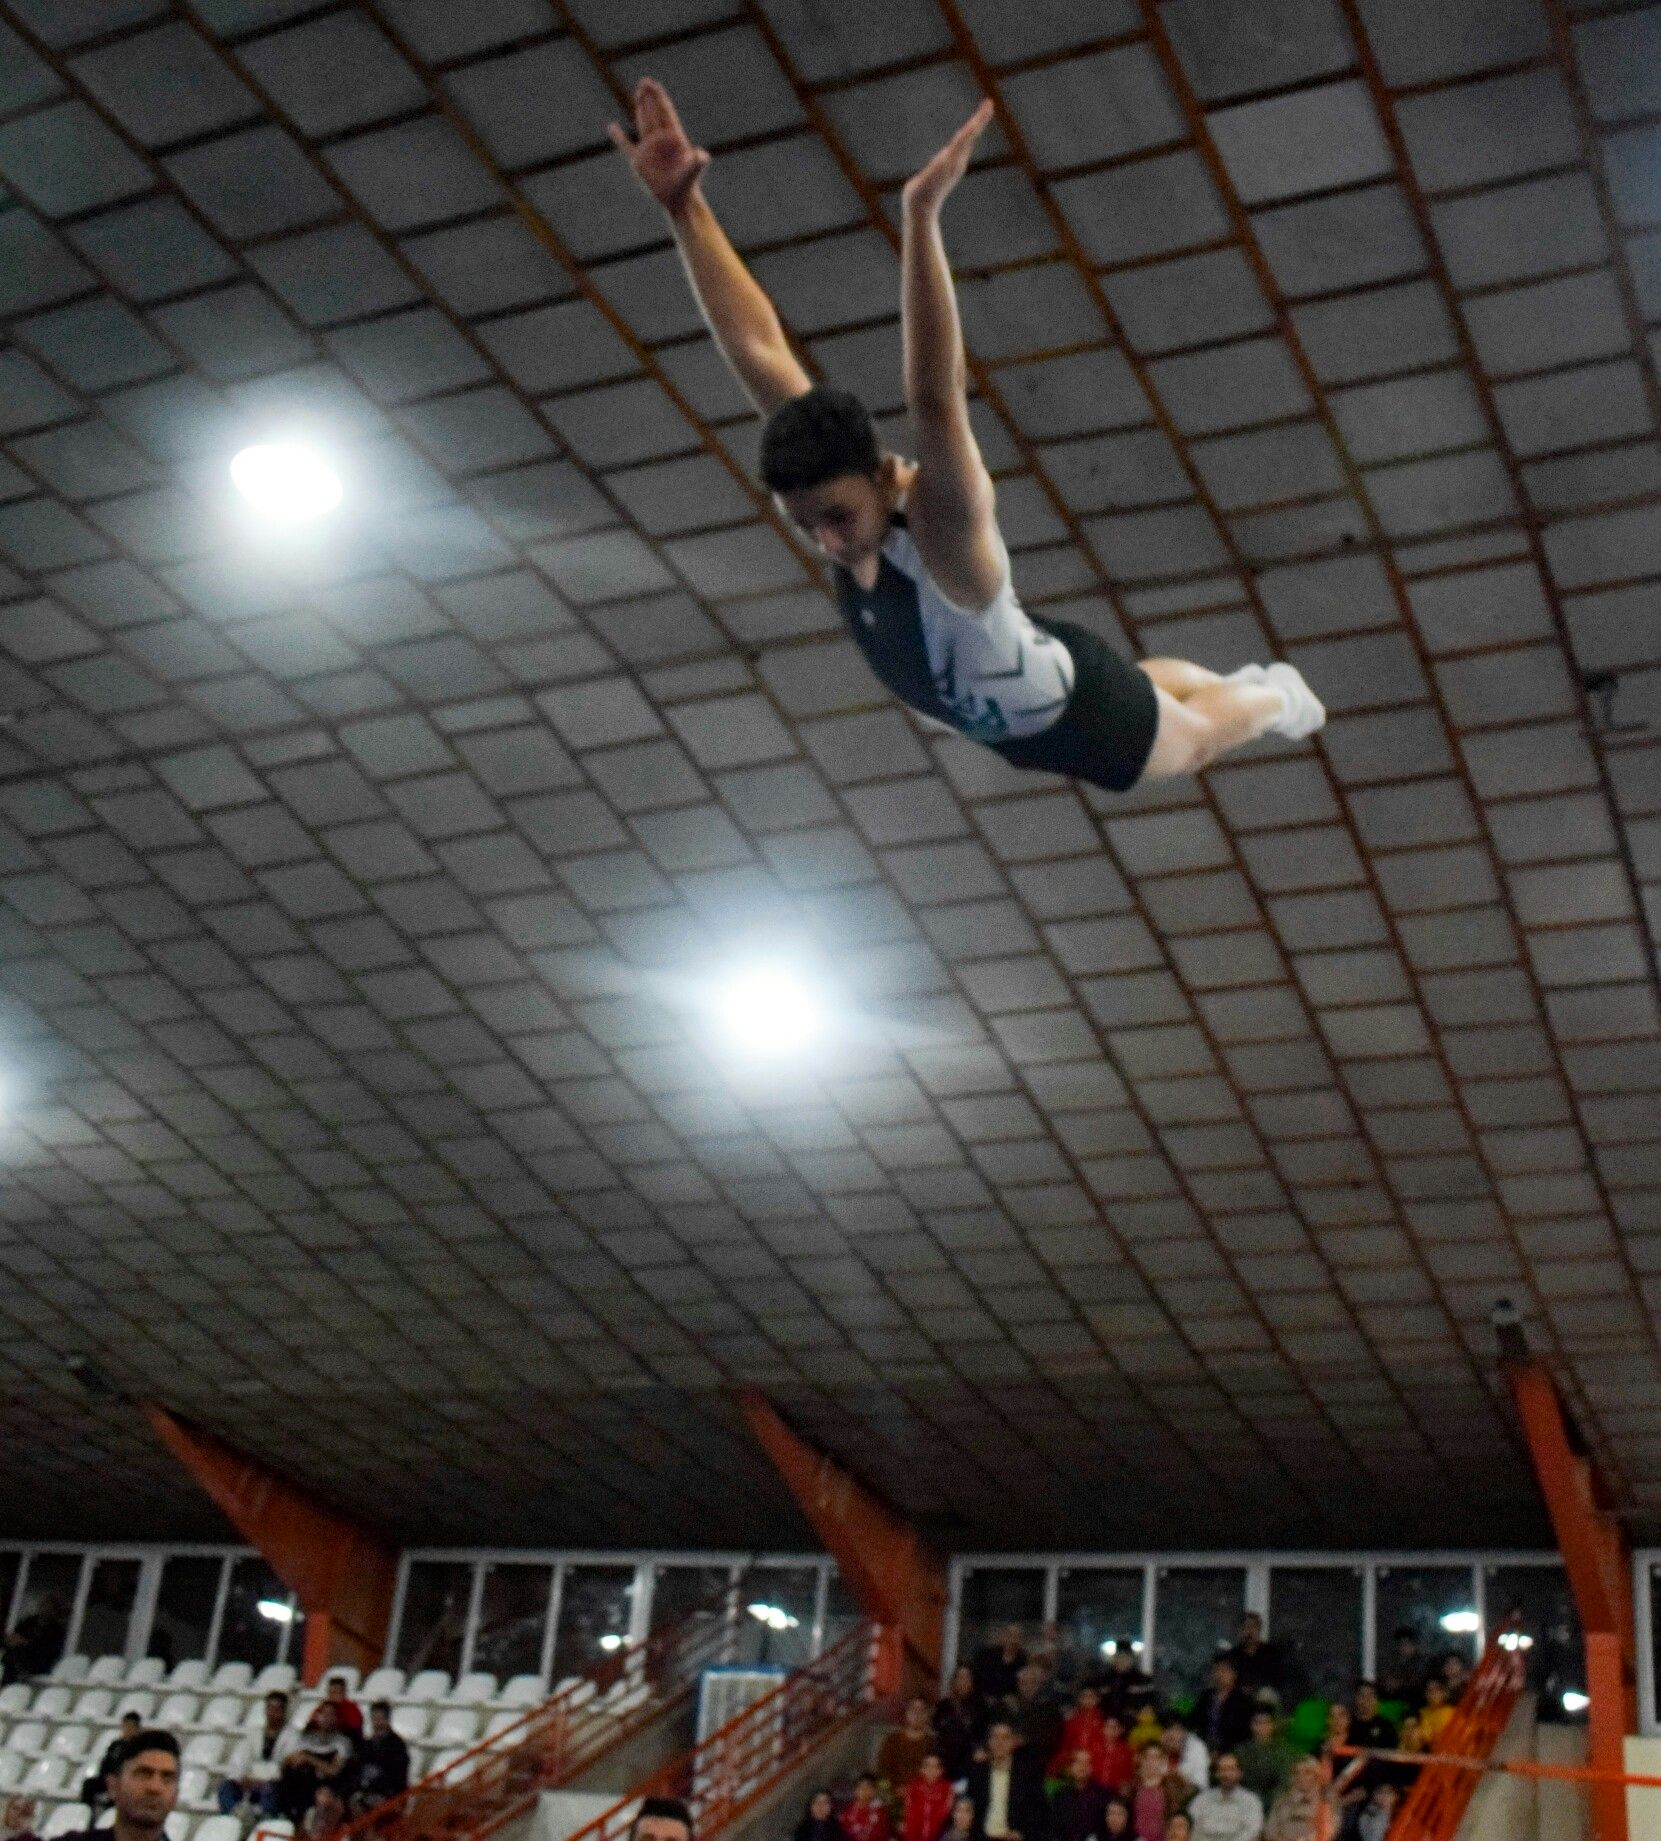 اجرای زیبای حرکات هنری ژیمناستها بر روی ترامپولین در  نخستین المپیاد استعدادهای ورزشی برتر کشور